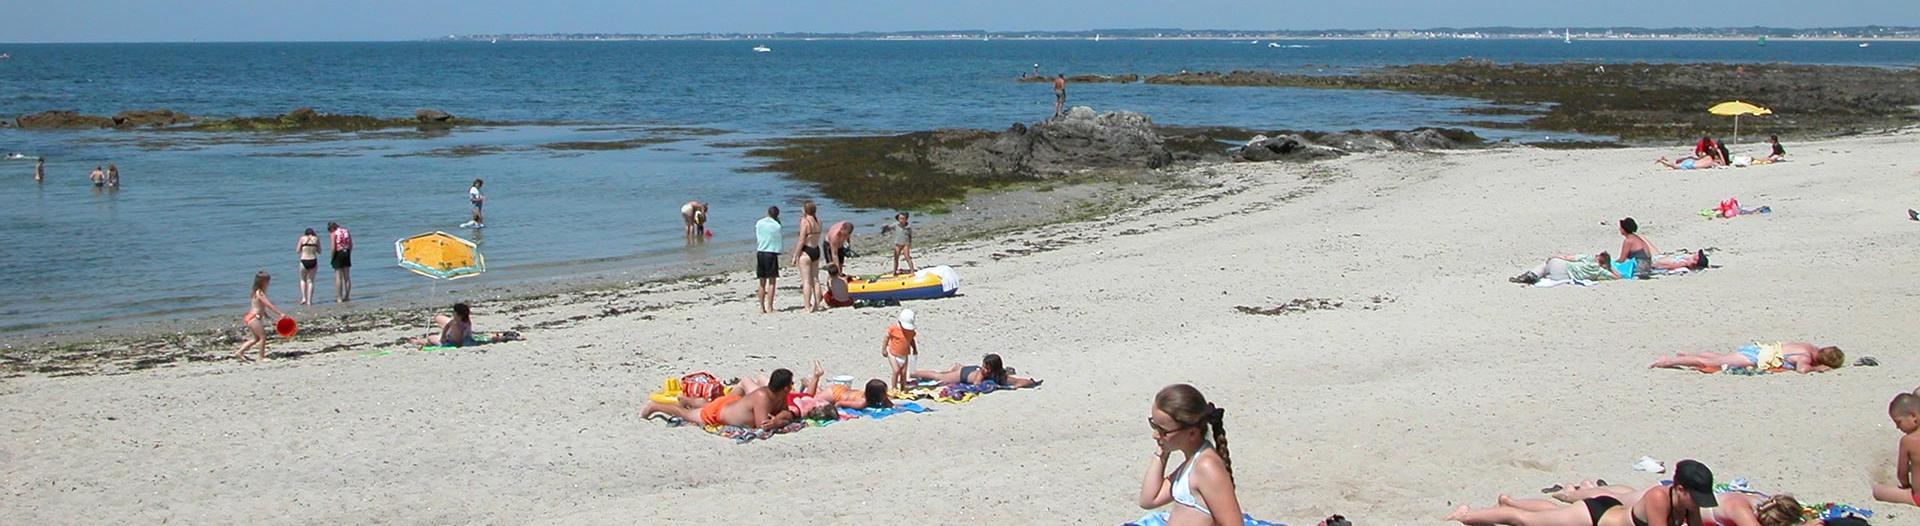 slider-region-loire-atlantique-plage-le-croisic